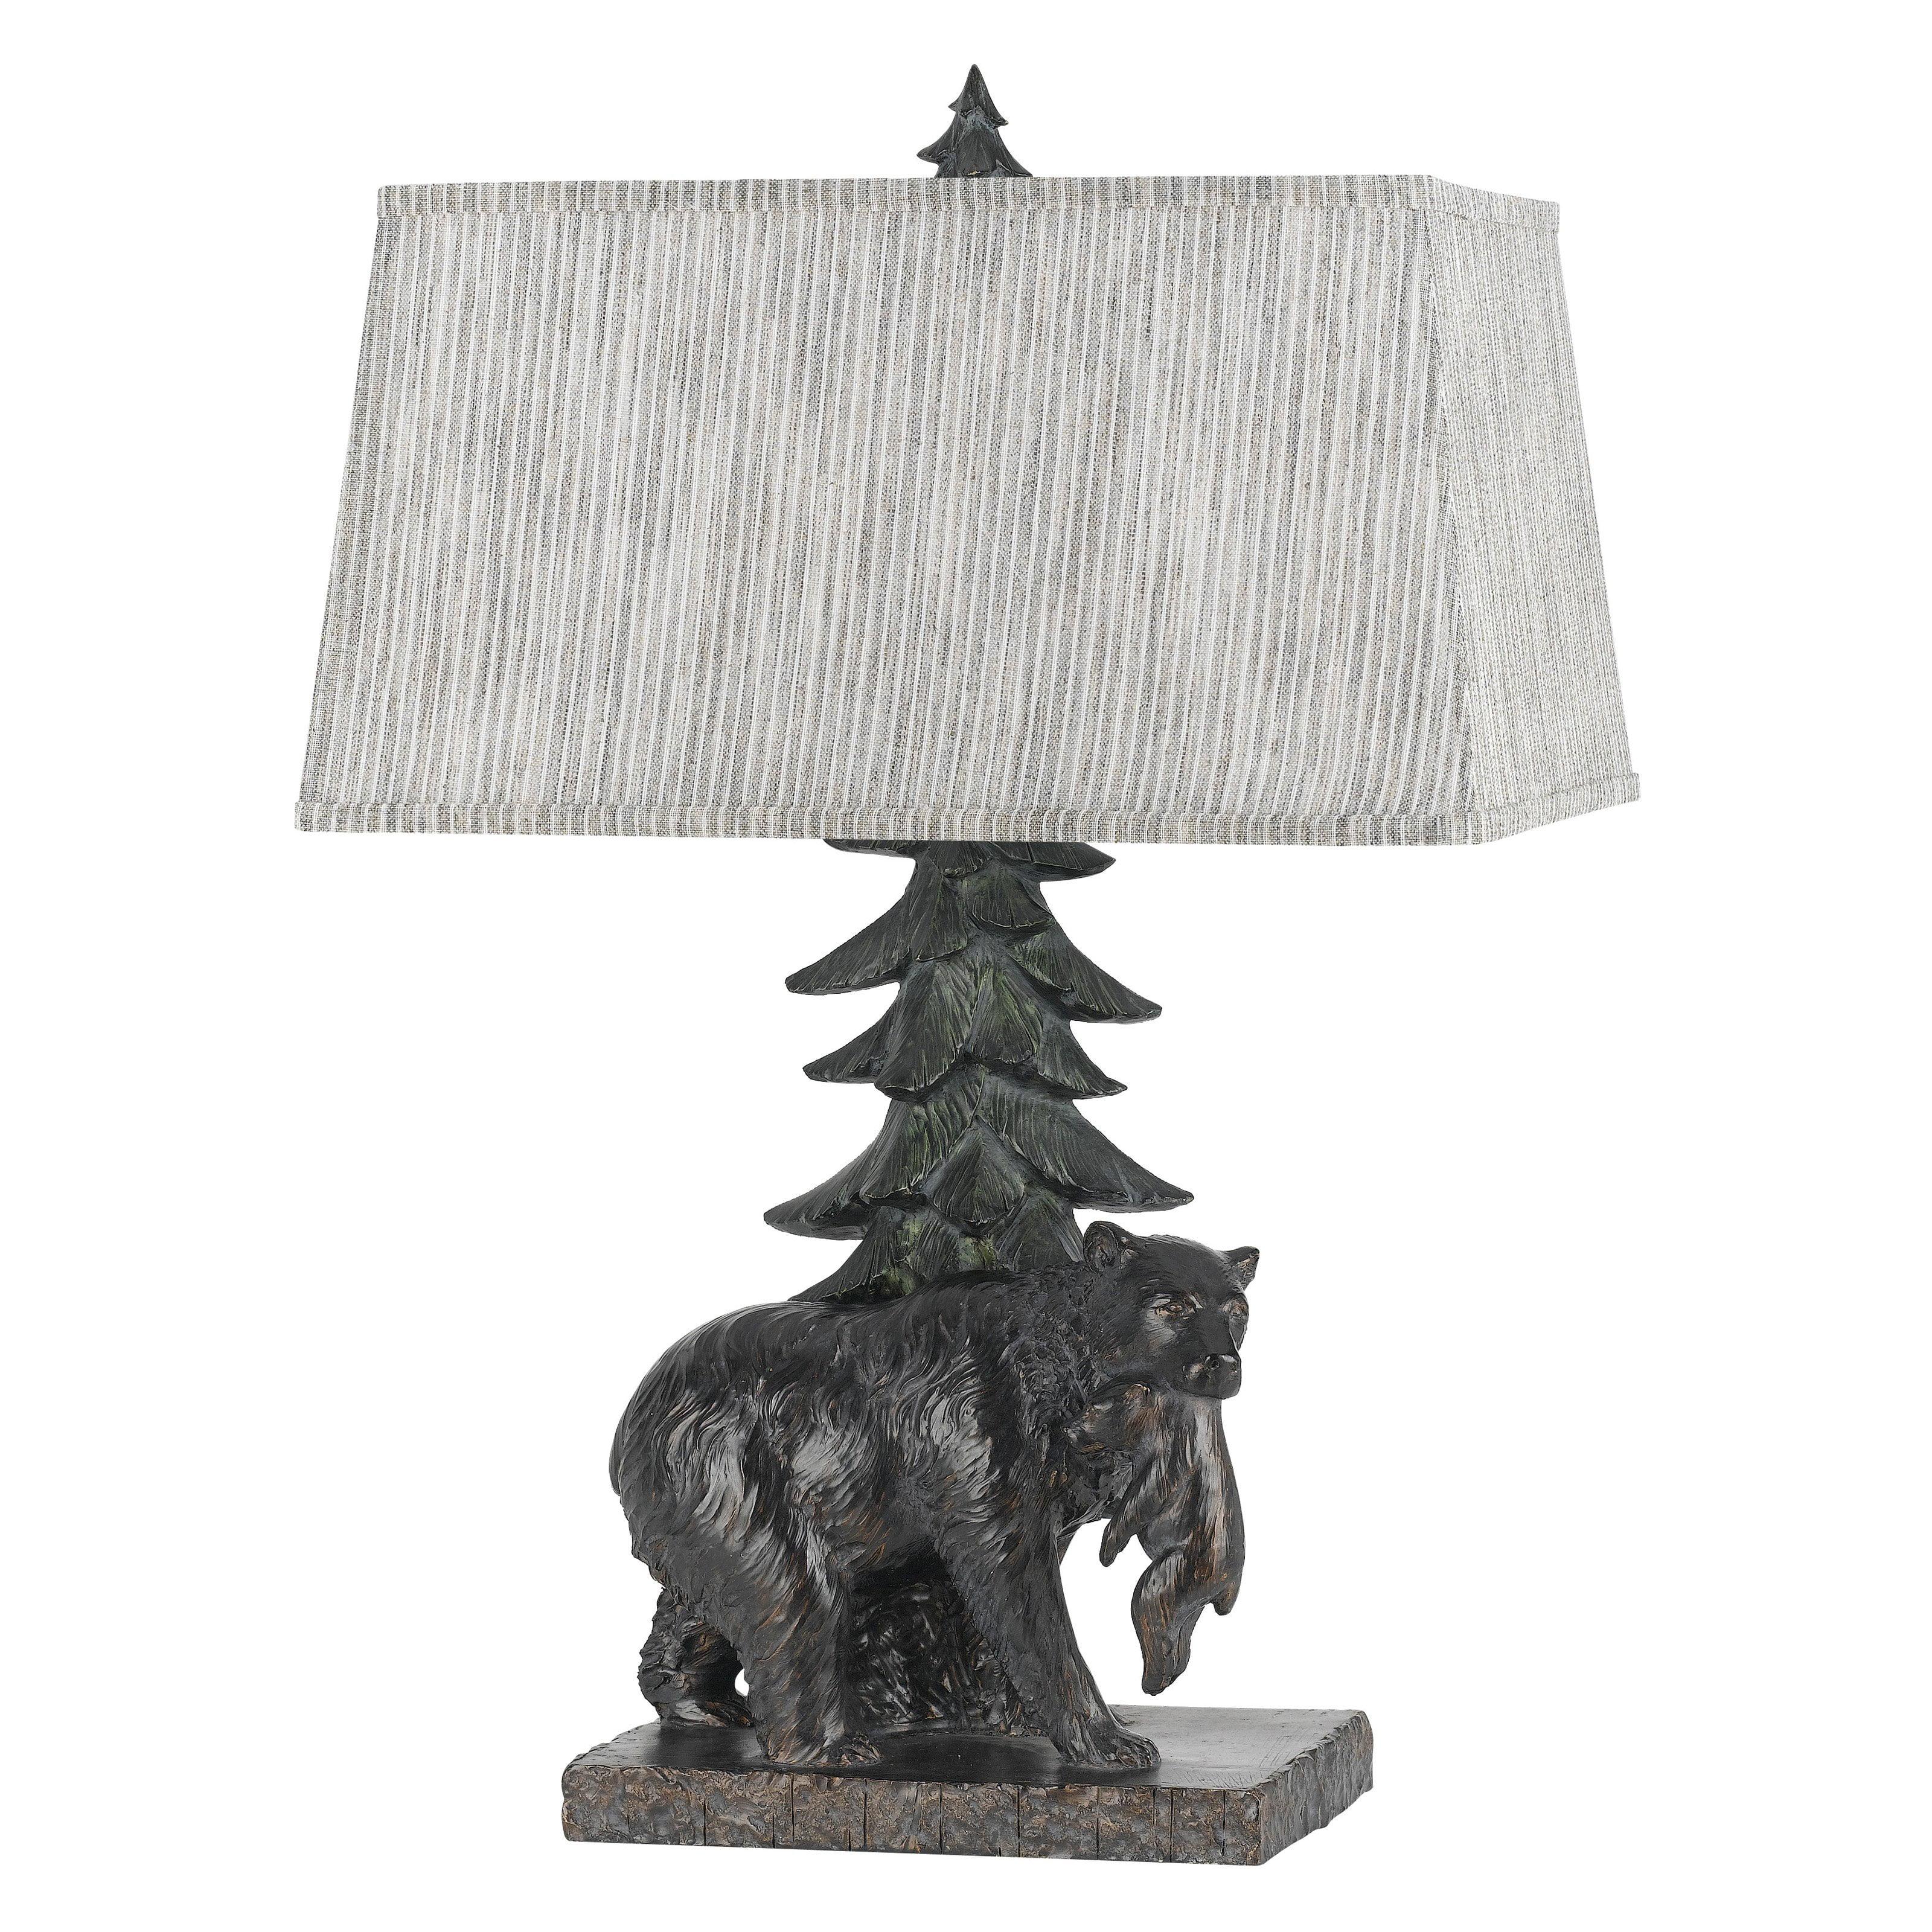 Cal Lighting Bear BO-2595 Table Lamp by CAL Lighting